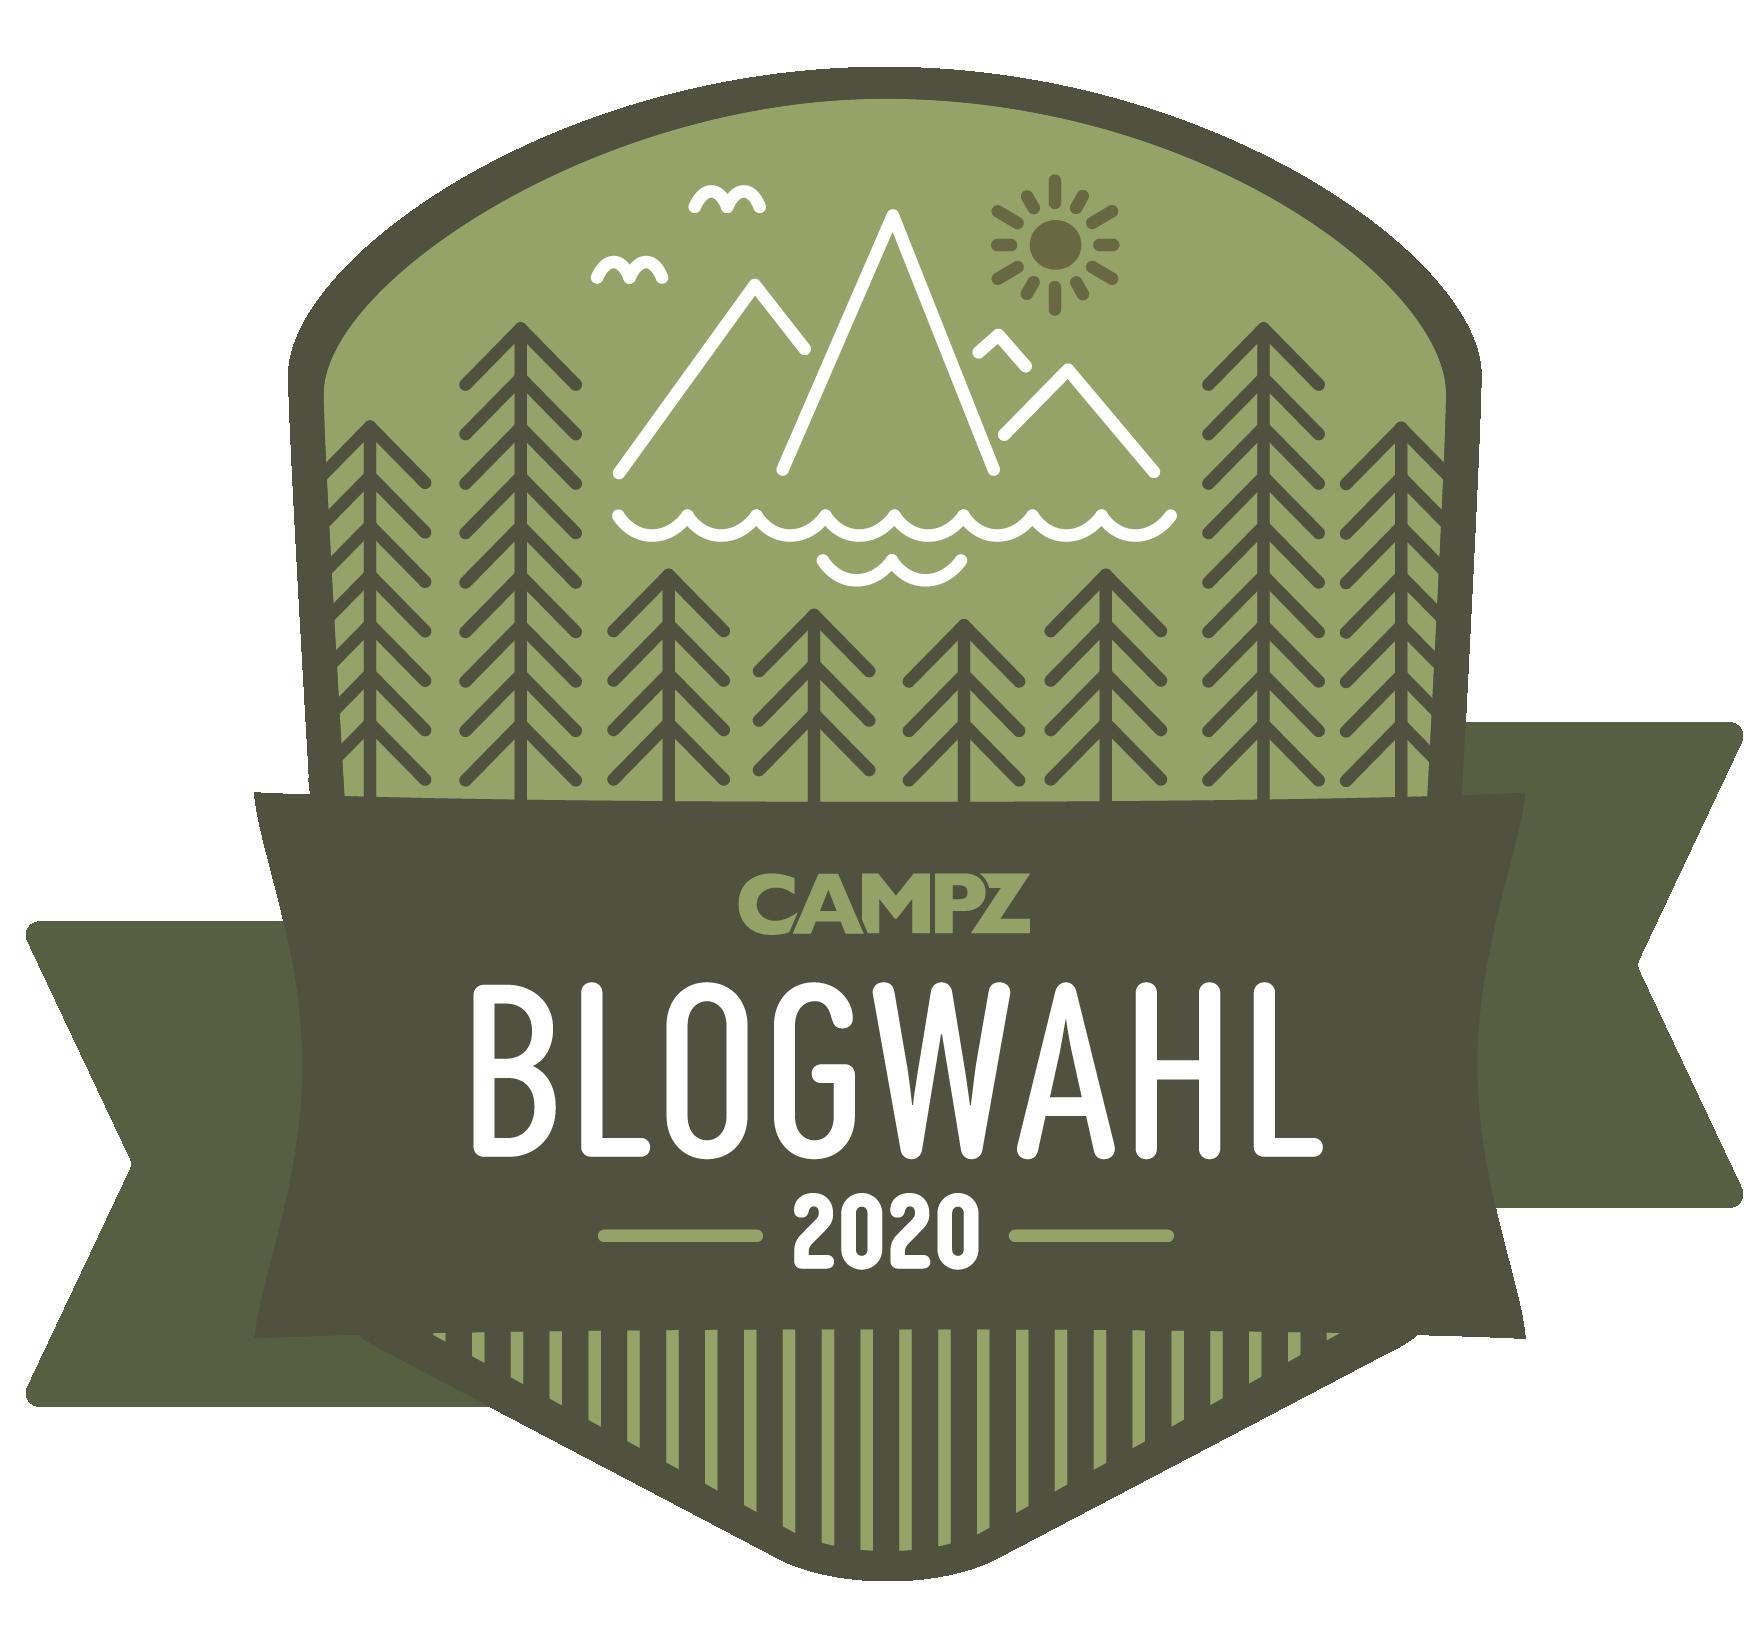 CAMPZ Blogwahl  - Top Outdoorblog 2020